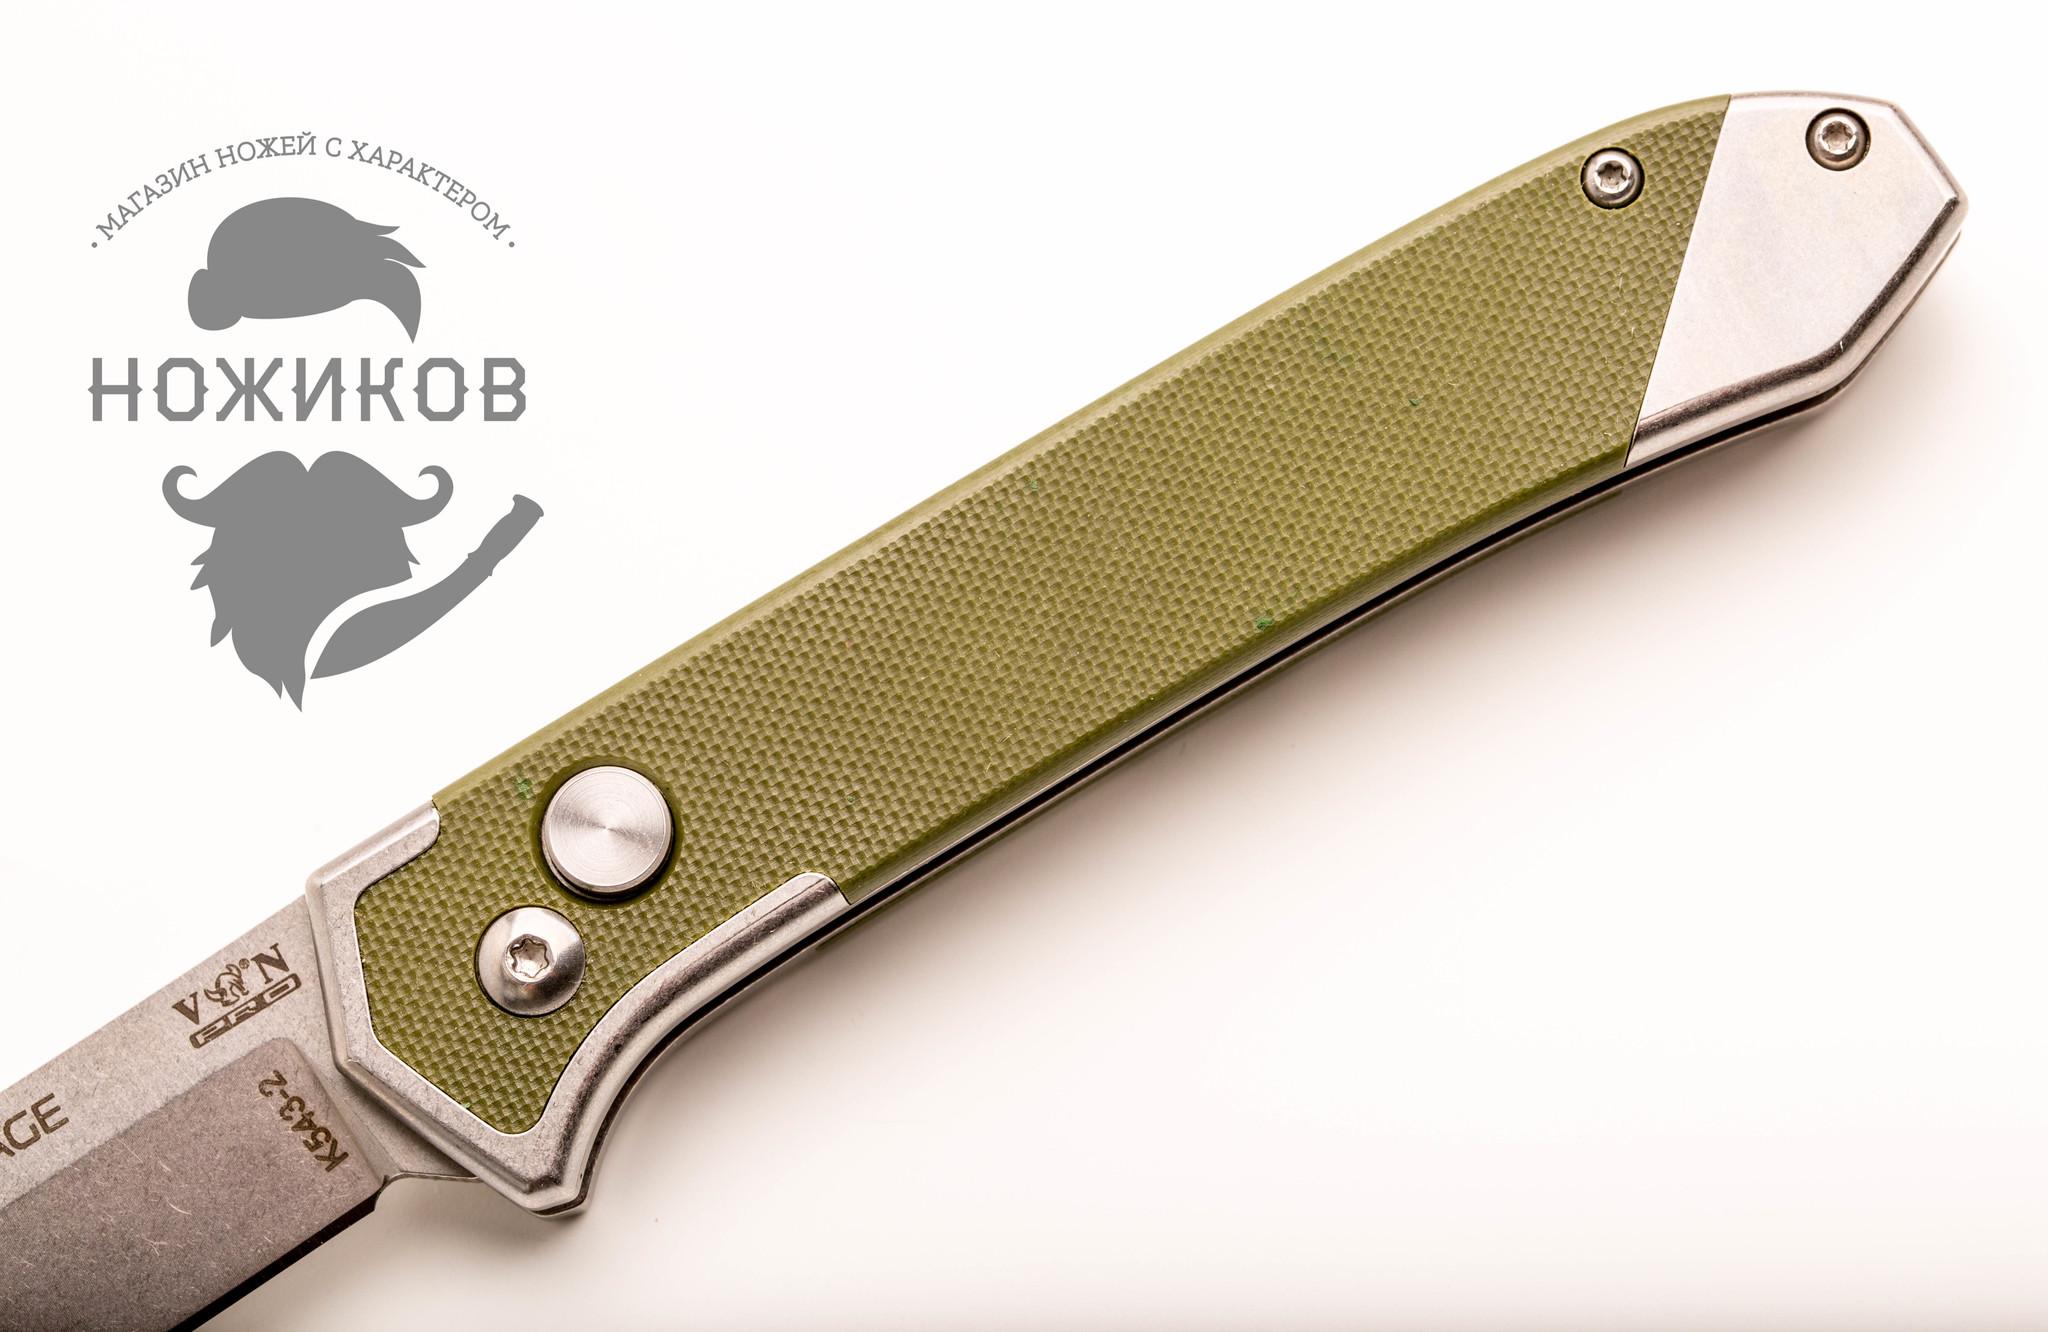 Фото 3 - Складной автоматический нож Mirage от Viking Nordway